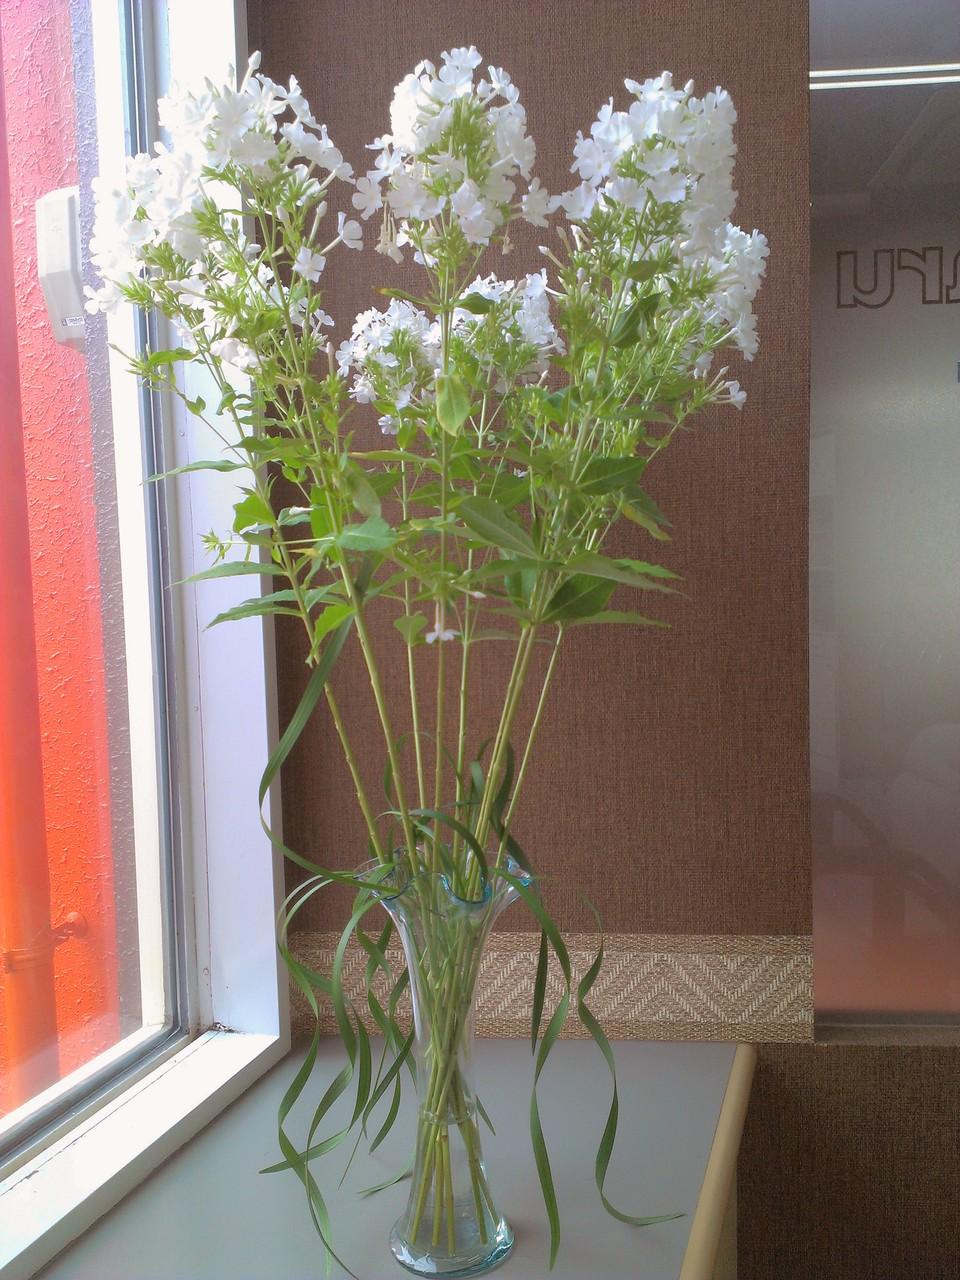 2014.08.06 フロックス(別名:花魁花)、ミスカンサス ・白くてかわいらしいお花が沢山咲き始めているのがフロックス、花瓶からカールしながら下に伸びている葉っぱがミスカンサスです。白いお花が円を描くように咲き誇る様をお楽しみ下さい。花言葉:フロックス【合意、あなたの望みを受けます】、ミスカンサス【心が通じる】